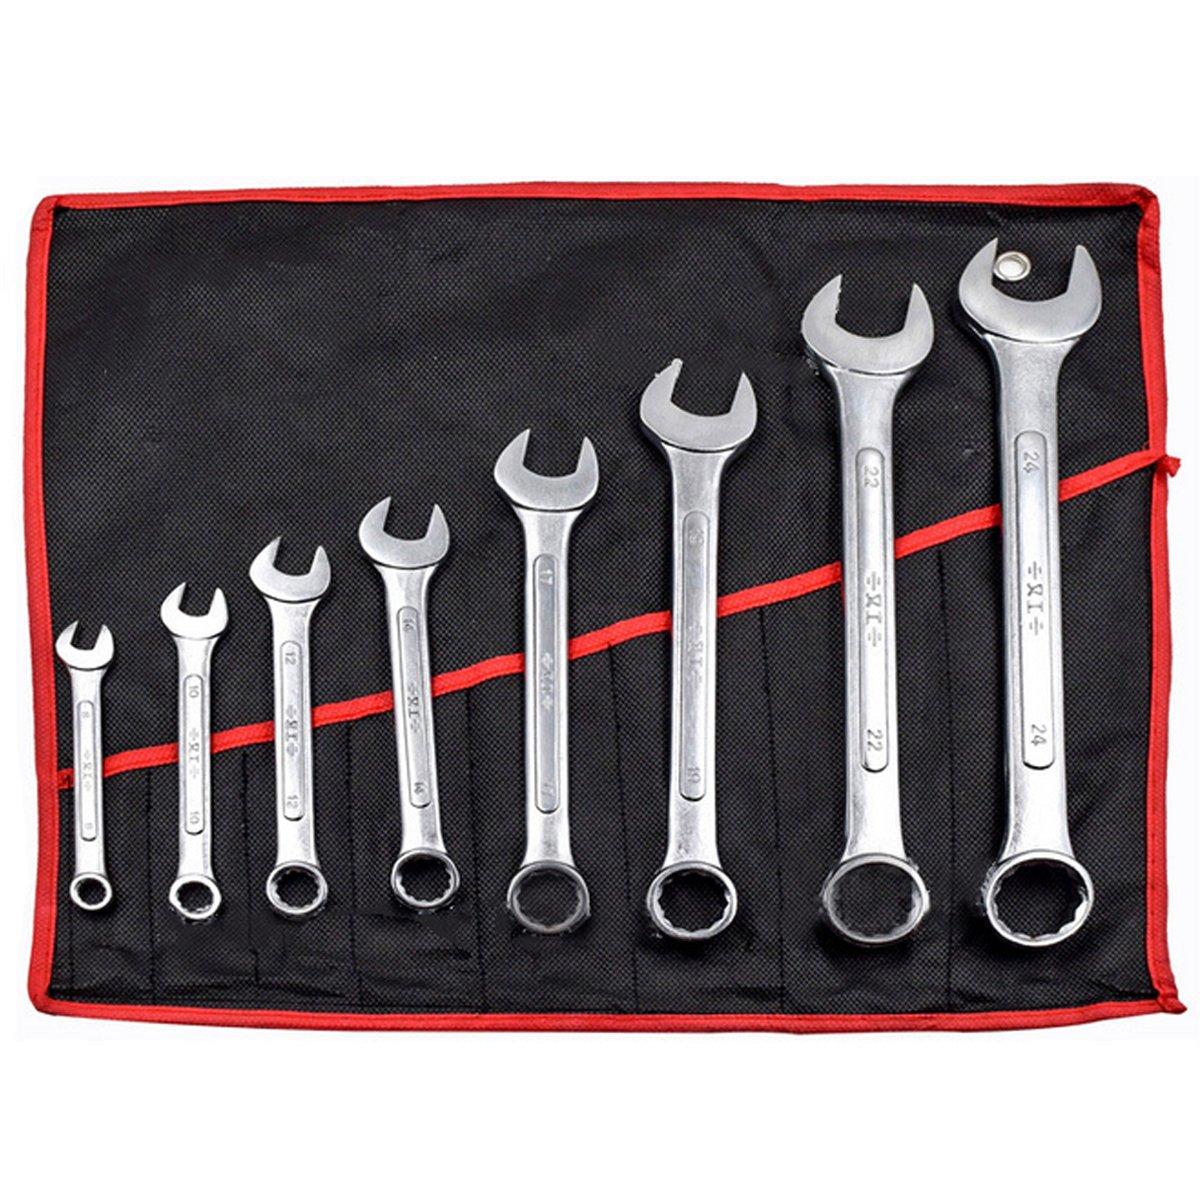 OlogyMart 8pcs Combination Spanner Set 8-24mm Garage DIY Workshop Hand Tool